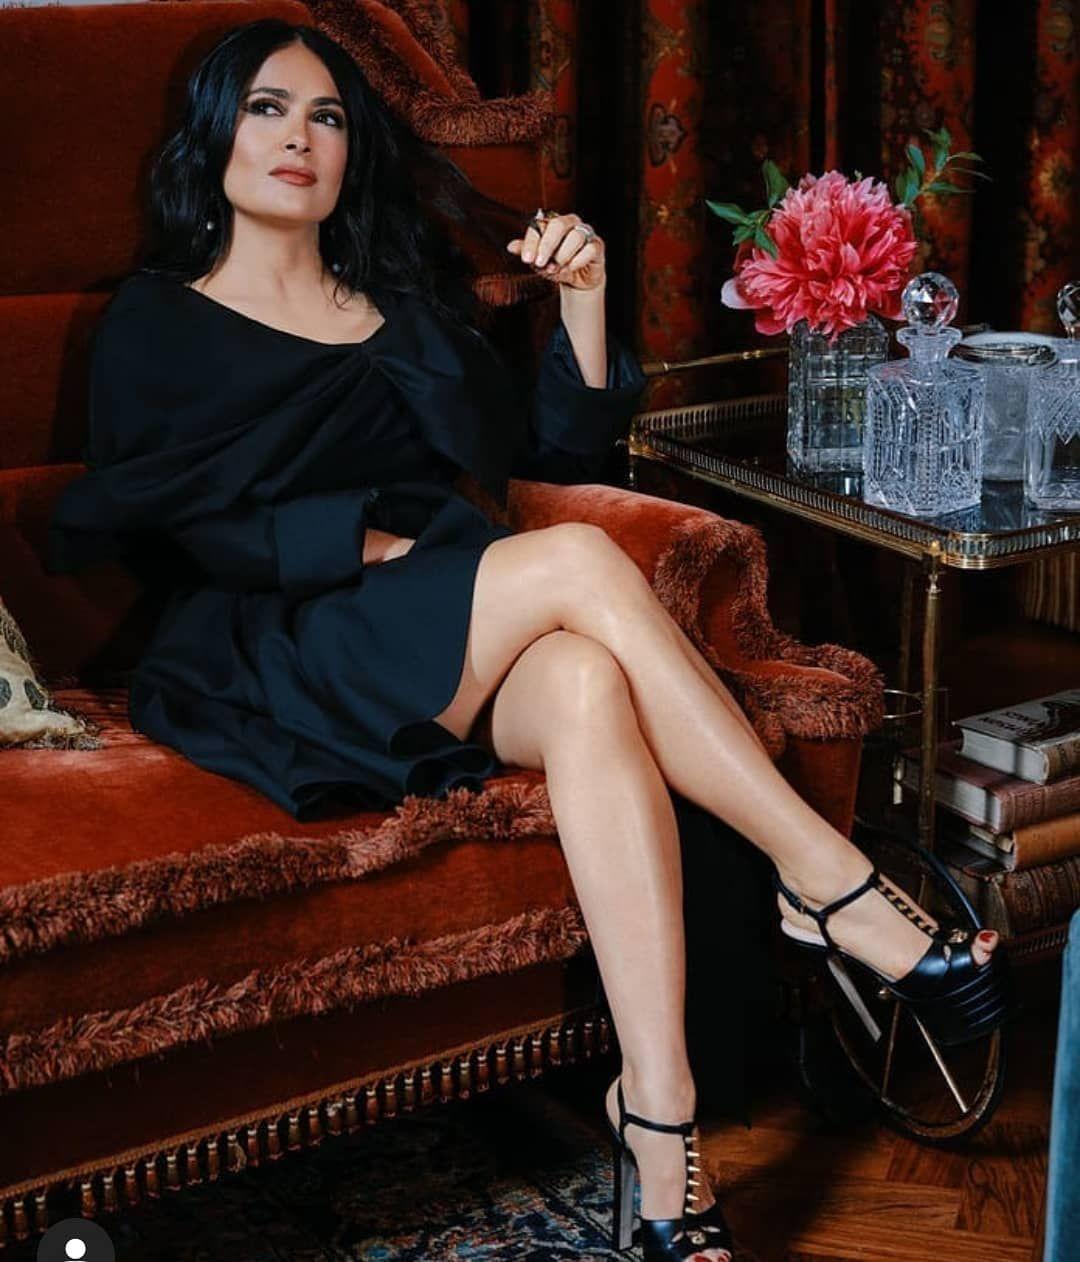 Salma Hayek Füße